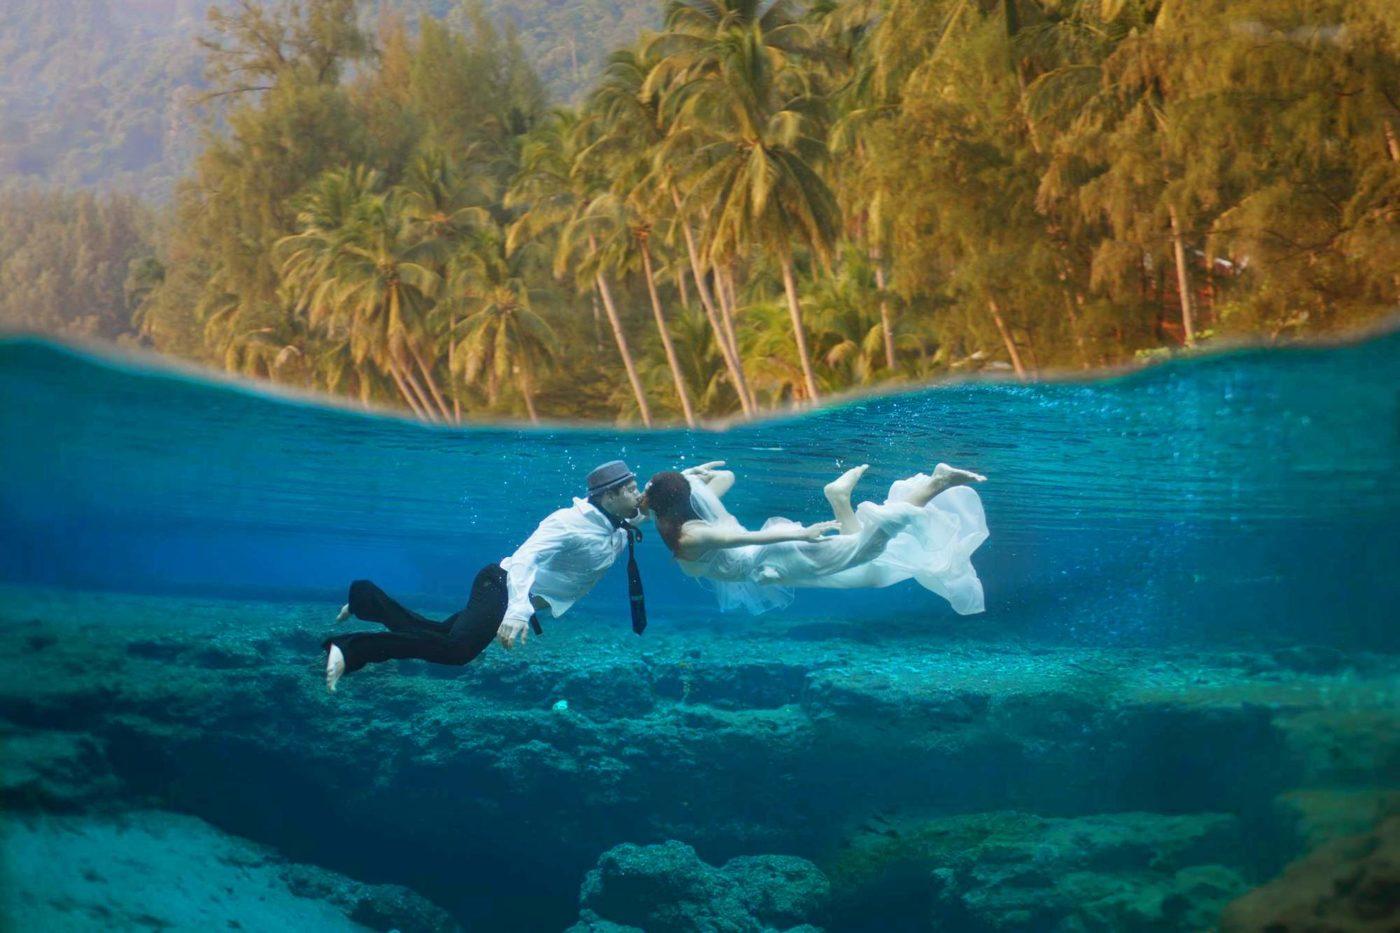 tengerparti esküvő Floridában az usa-ban amerikai esküvő